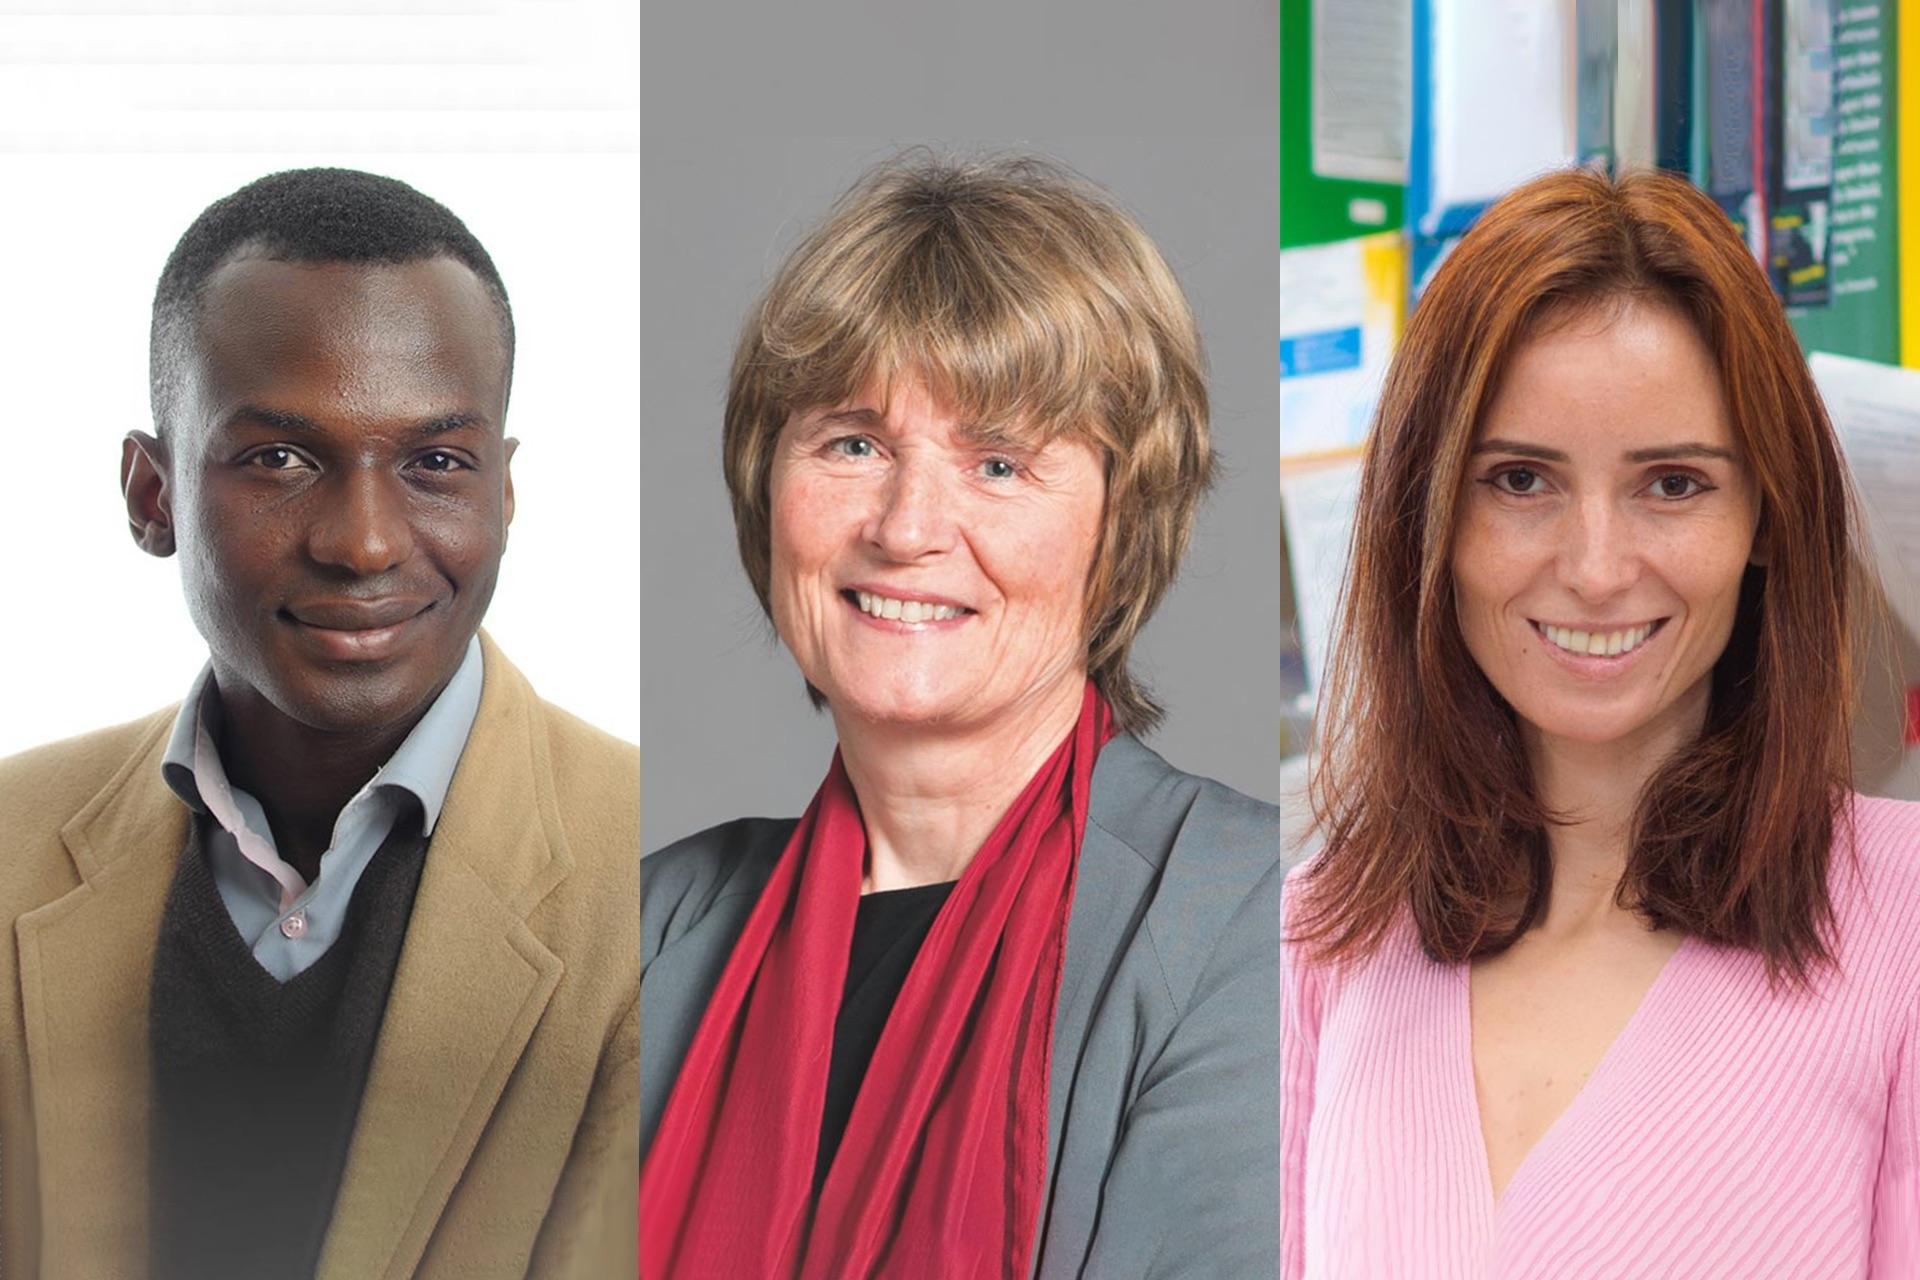 Ibrahim Cissé, Ruth Lehmann, and Silvi Rouskin awarded 2021 Vilcek Prize